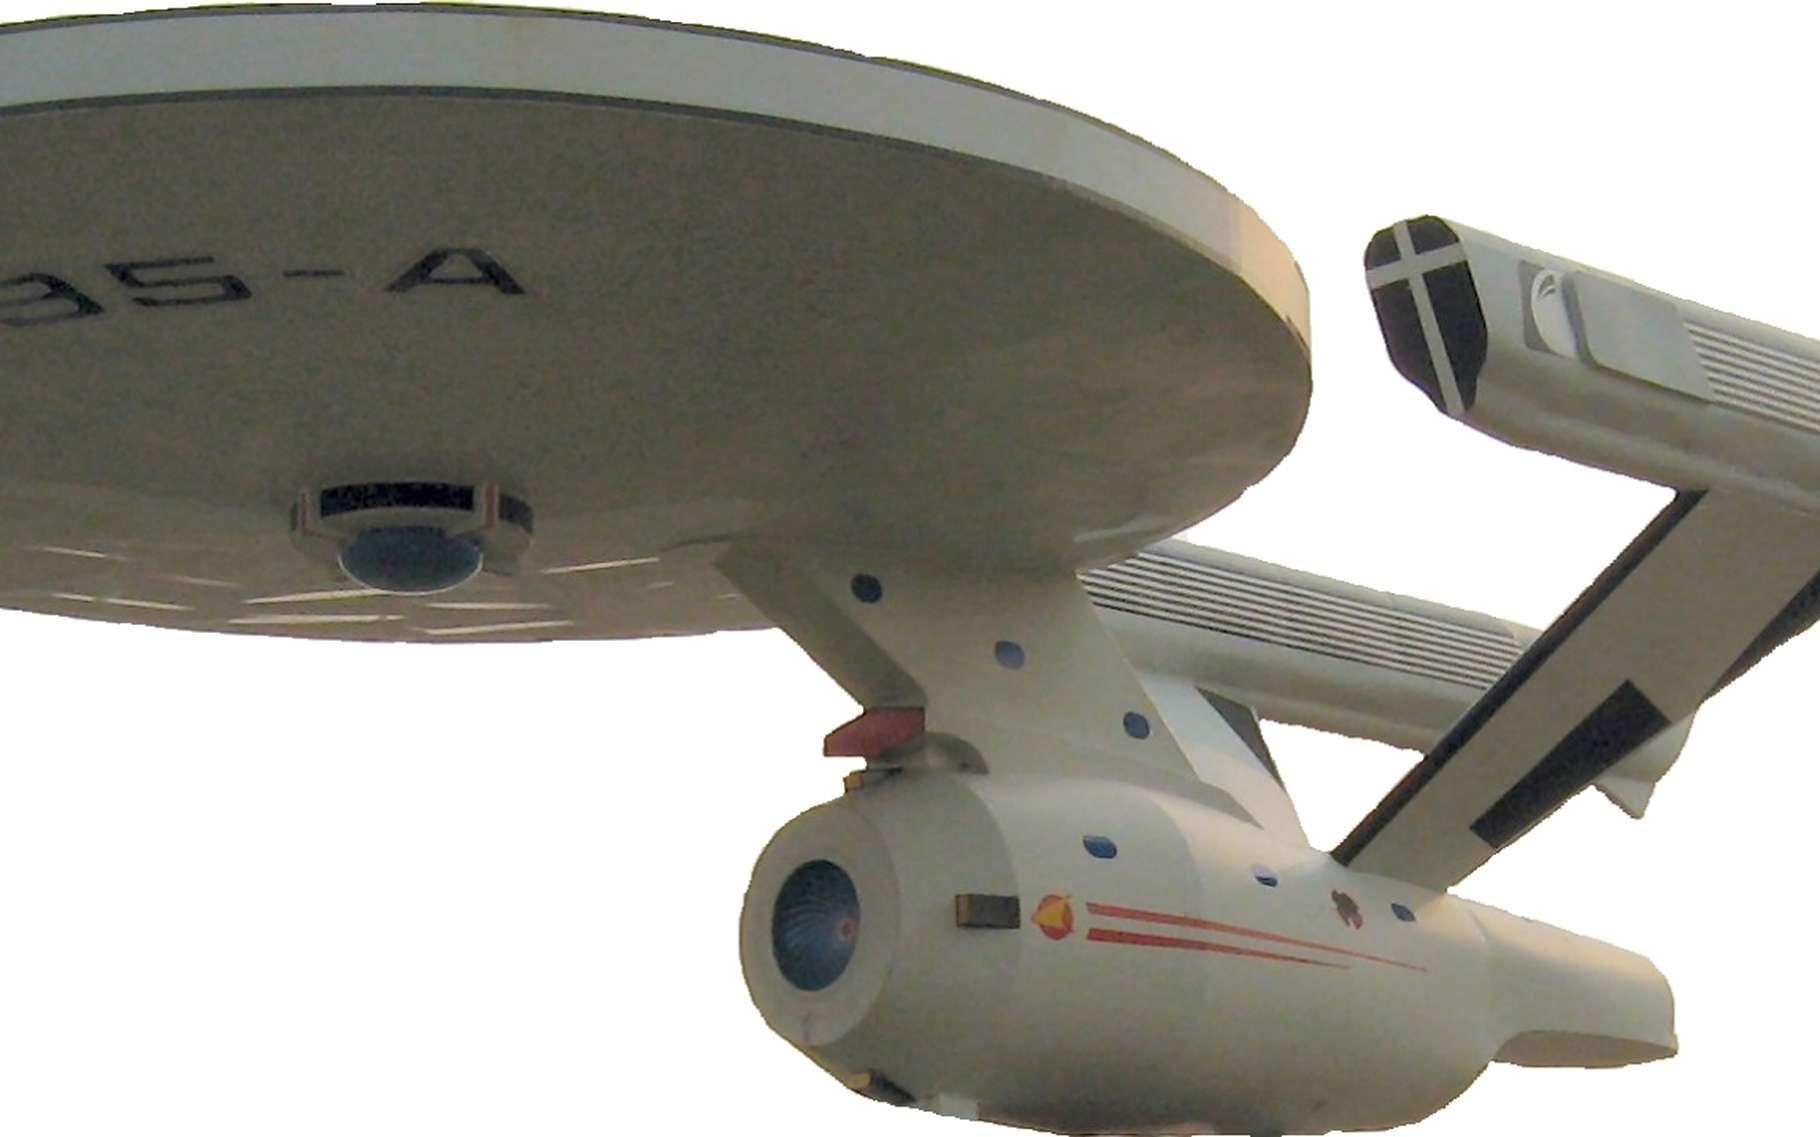 Le vaisseau Enterprise de la saga Star Trek est plus primitif que l'EM Drive : il doit embarquer de la matière éjectée à grande vitesse sous forme de plasma. Dans son livre La physique de Star Trek, le physicien Lawrence M. Krauss a calculé la quantité pour atteindre la moitié de la vitesse de la lumière (0,5 c) : 81 fois la masse à vide de ce vaisseau. Pour pouvoir décélérer ensuite de 0,5 c, il faudrait donc, au total, 81 x 82 fois (soit 6.642) la masse de l'Enterprise. En supprimant cette masse à éjecter, l'EM Drive changerait vraiment la donne ! © dave_7 et El Carlos, CC by 3.0